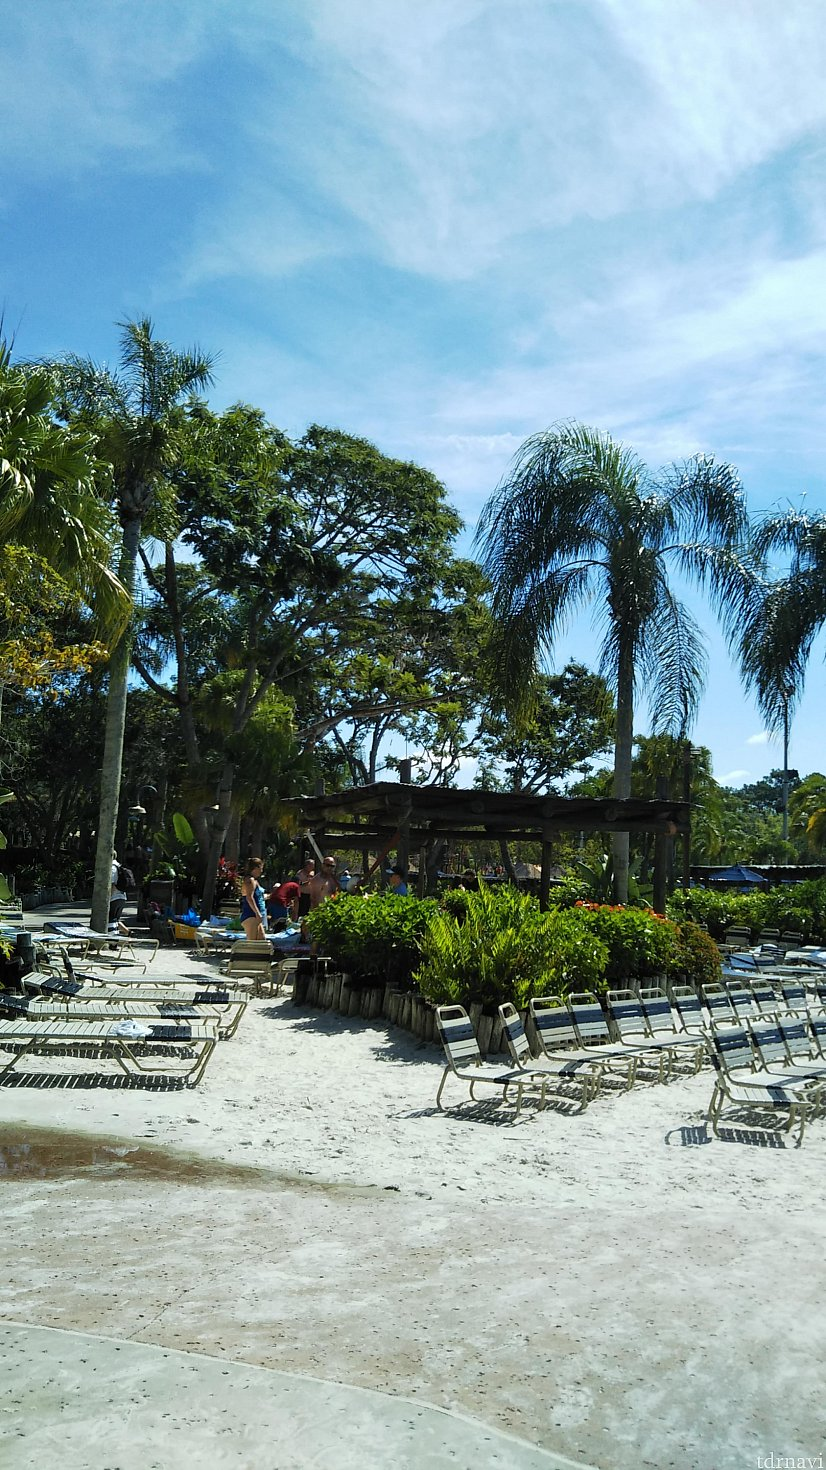 パラソルは基本的に無く、写真のように日なたの席が多いです。 日陰は屋根のある席か、木陰となります。